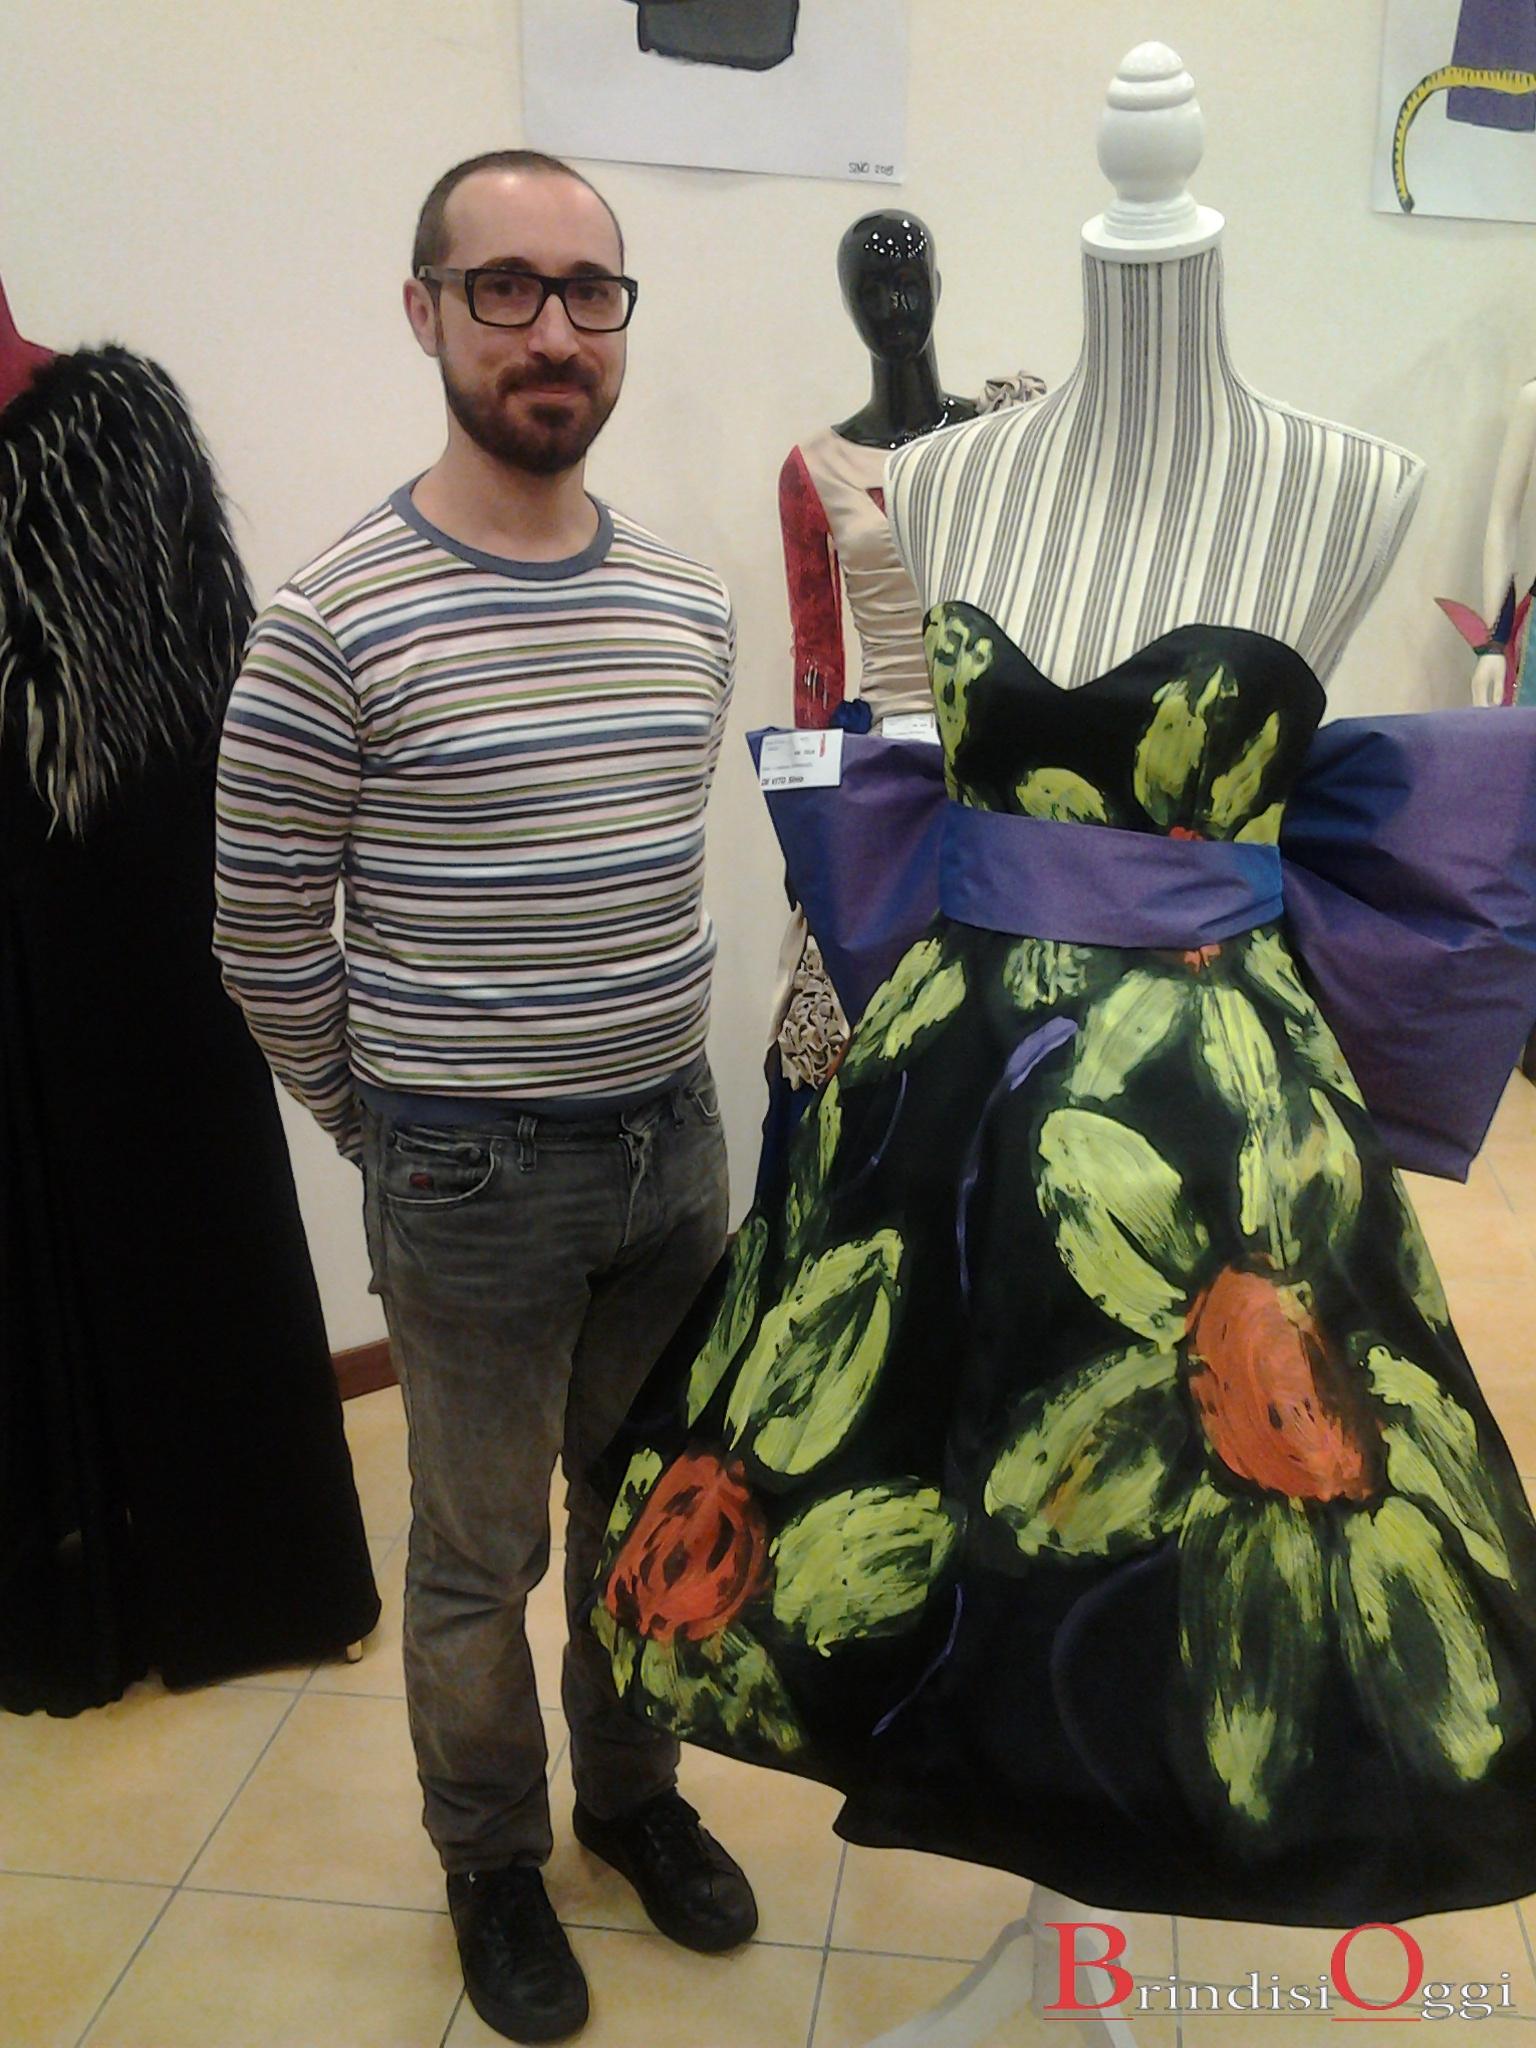 scuola di moda burgo 12 abiti in mostra nella galleria